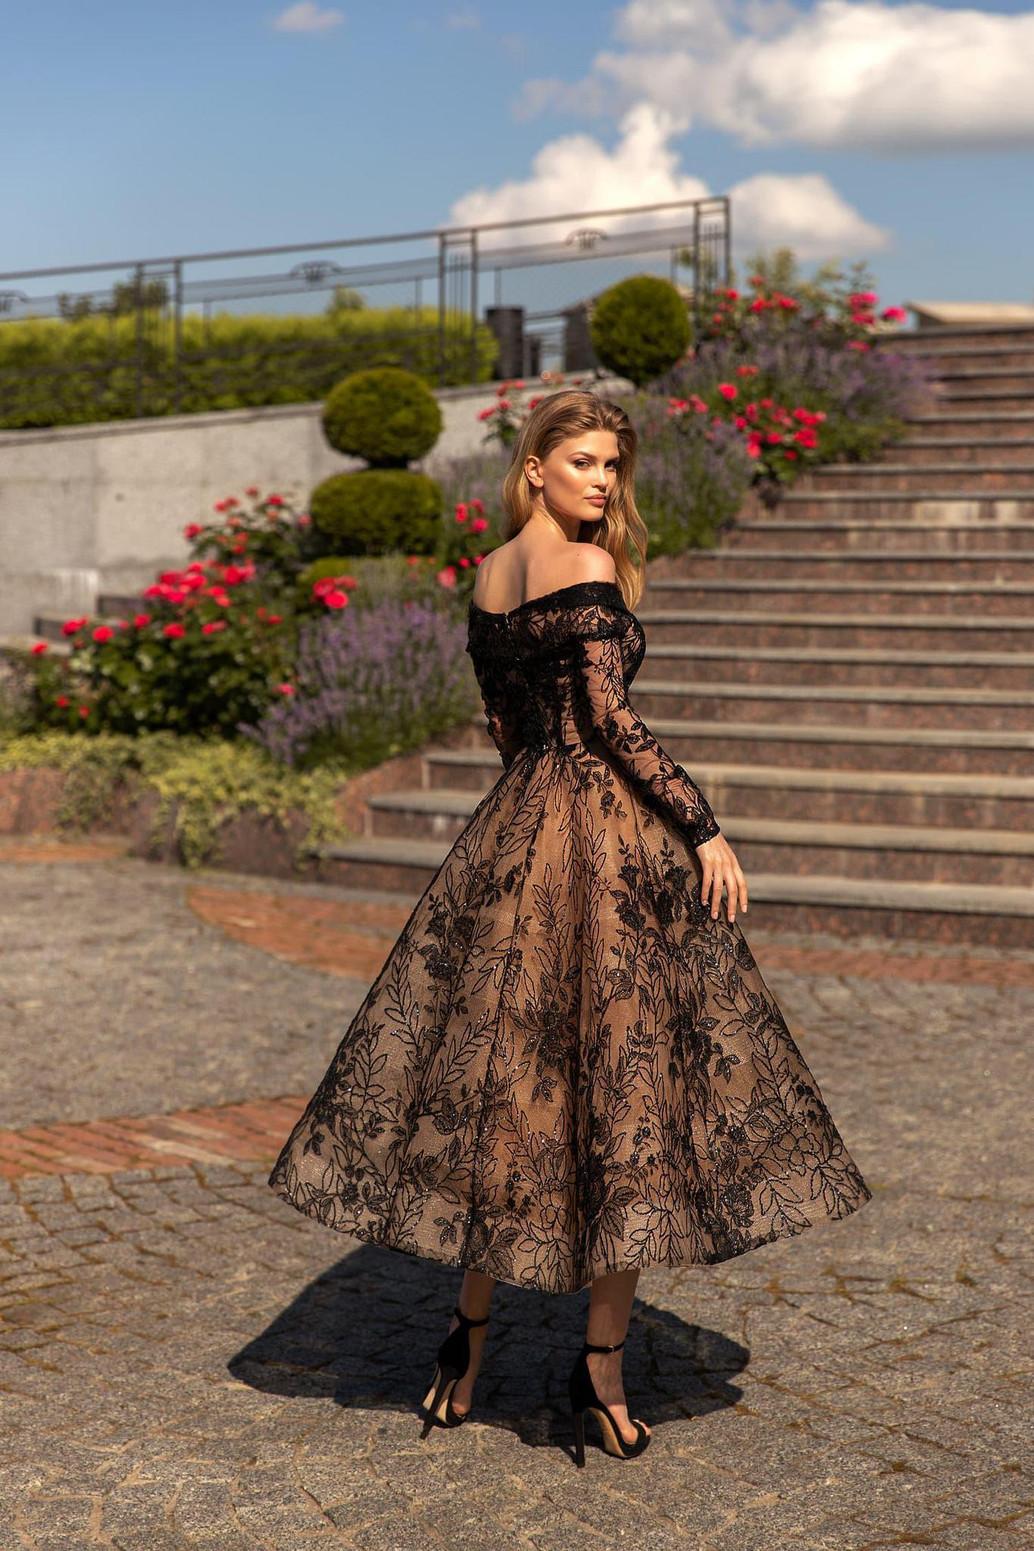 Night Dress 21-V-001a.jpg